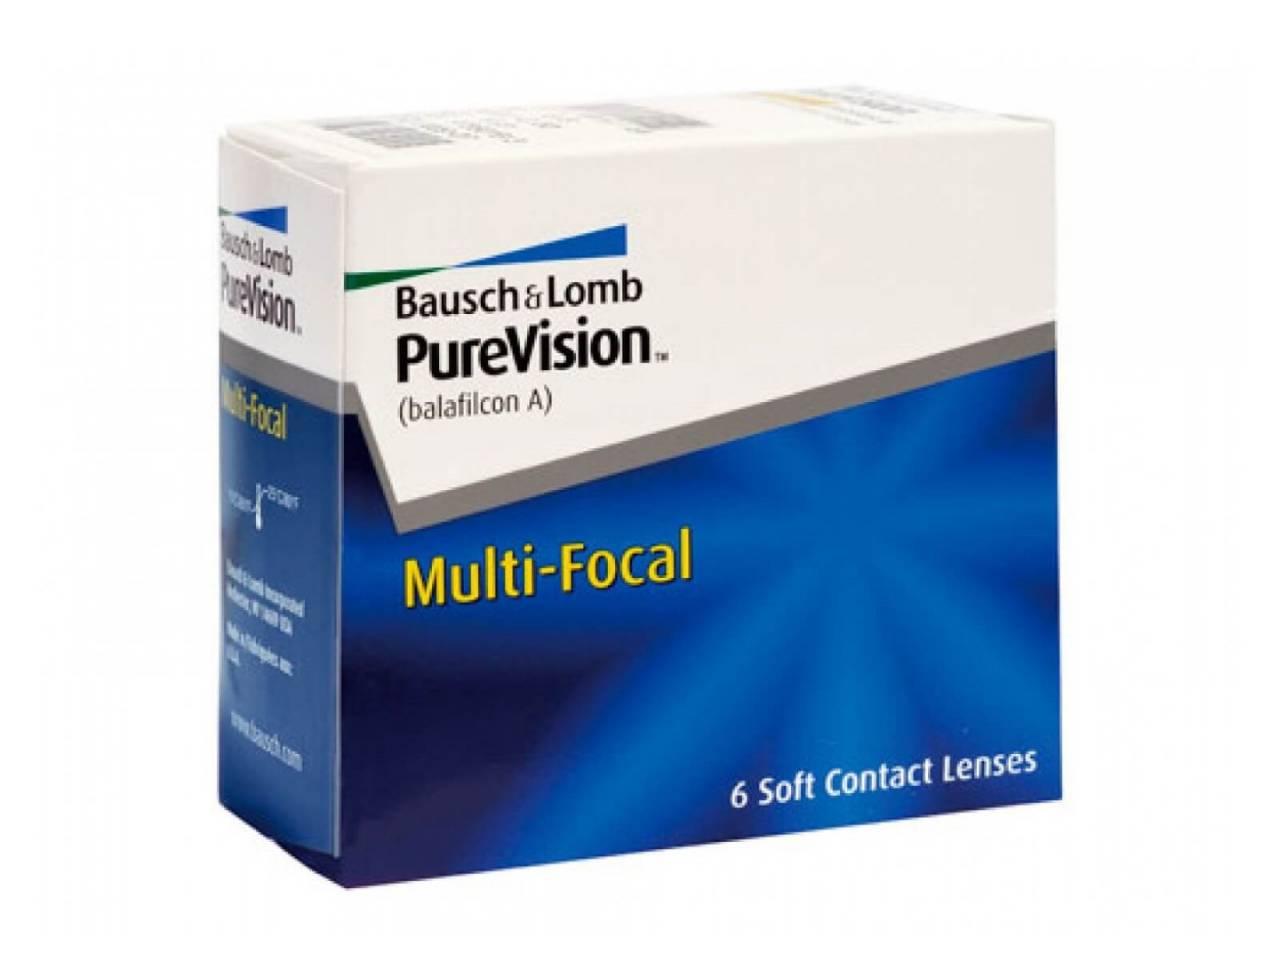 Мультифокальные контактные линзы Bausch+Lomb Pure Vision Multi-Focal